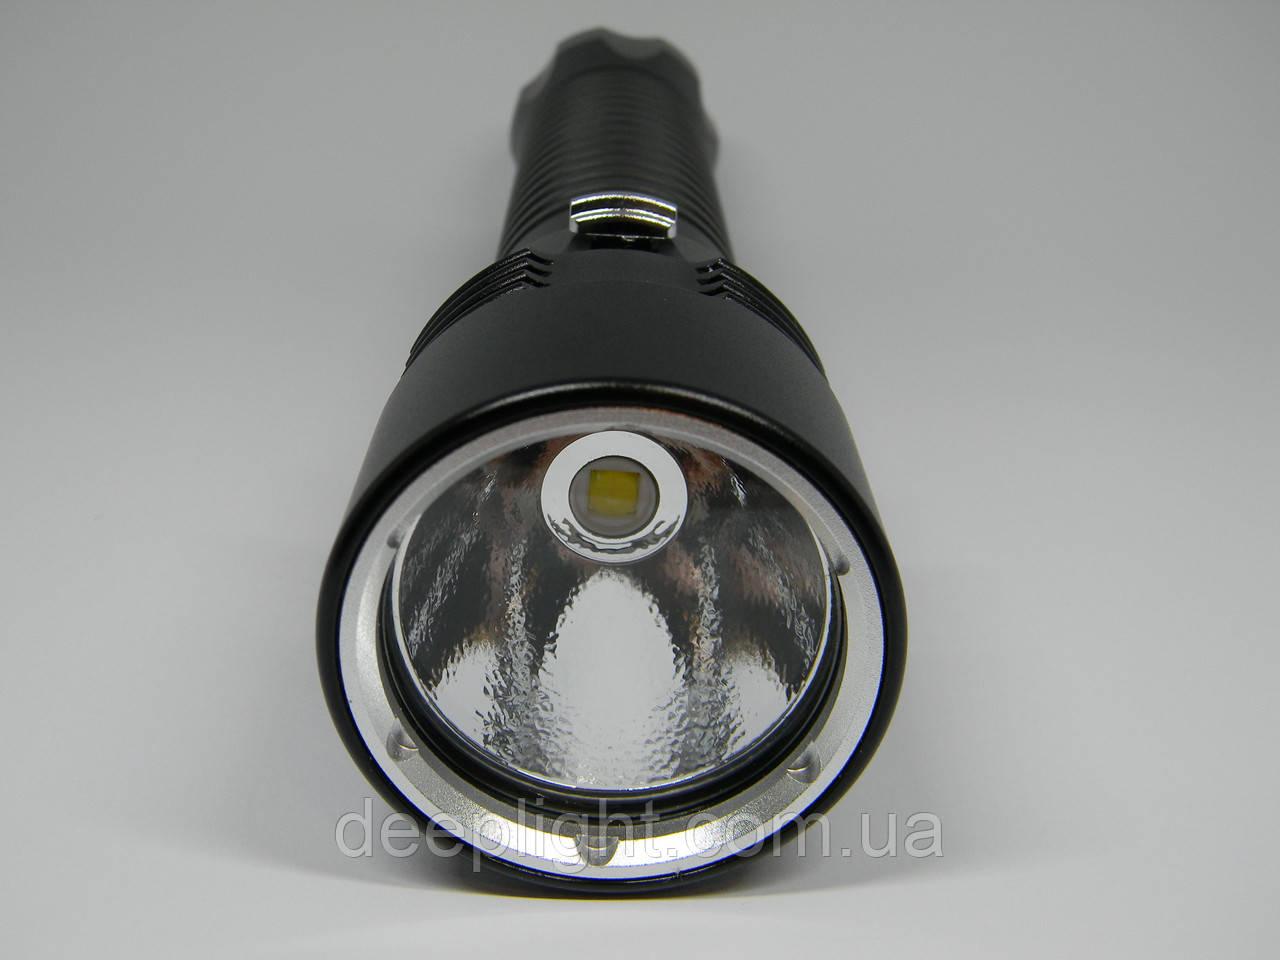 Підводний ліхтар Deeplight P50 з білим світлом на Cree XHP50.2 18W під 26650/18650